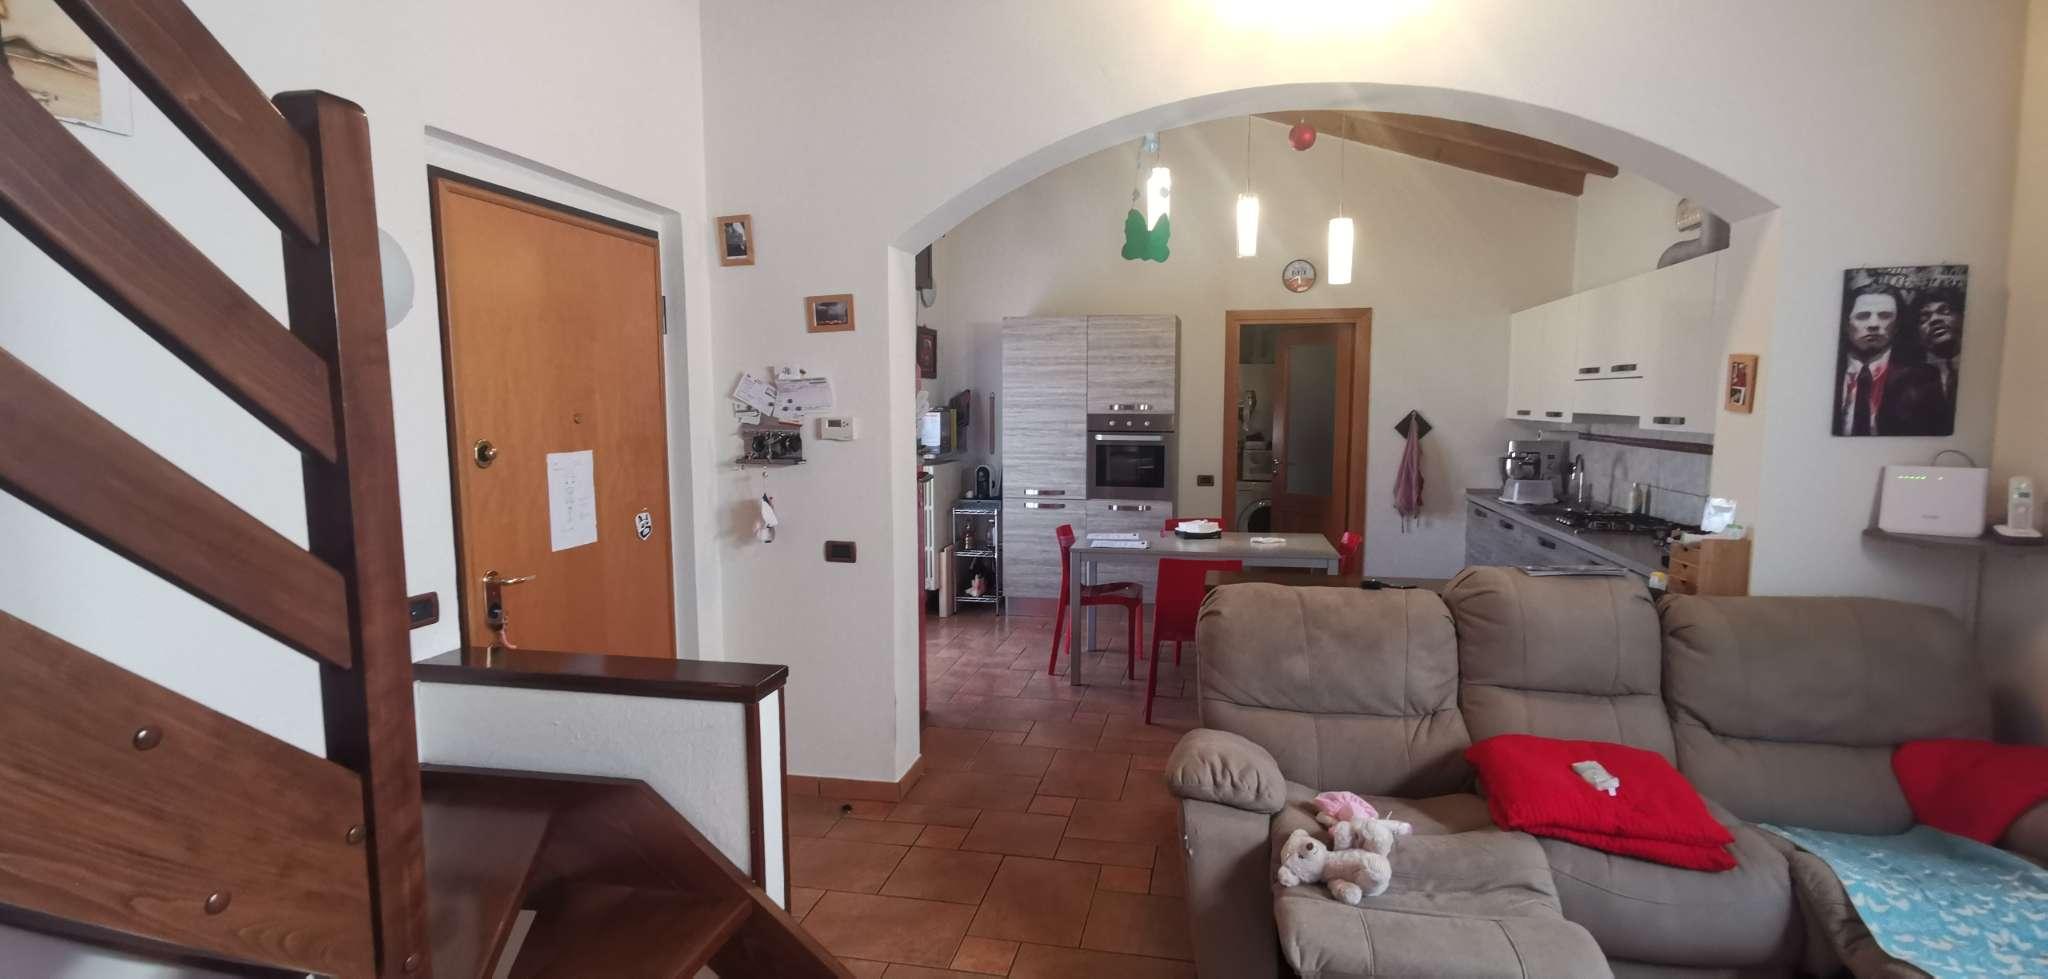 Appartamento in vendita a Cremosano, 3 locali, prezzo € 120.000 | PortaleAgenzieImmobiliari.it